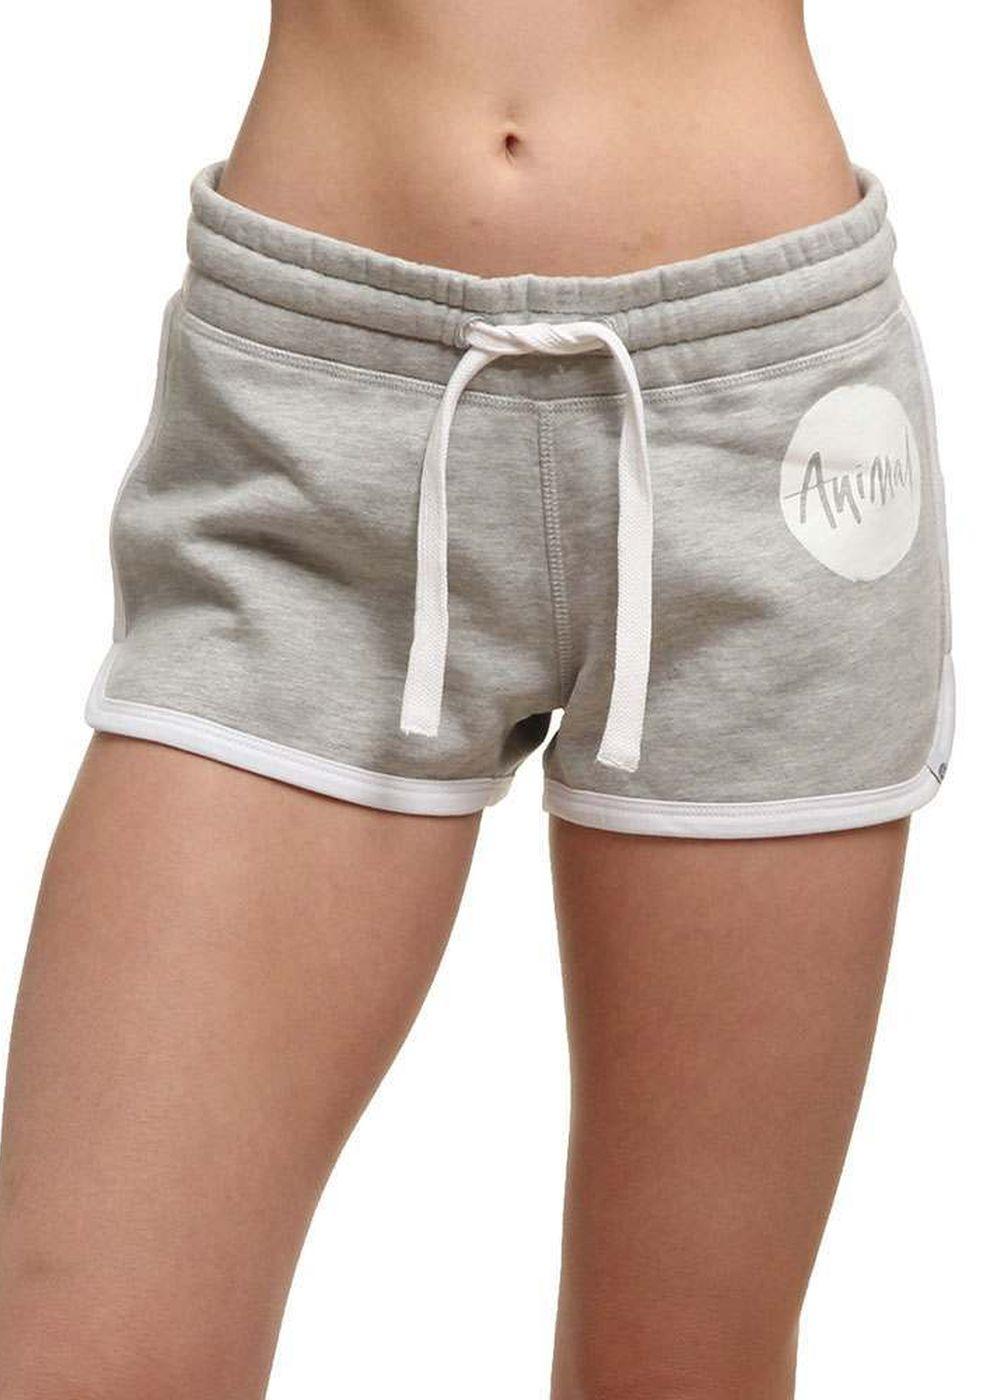 animal-gerri-track-shorts-grey-marl